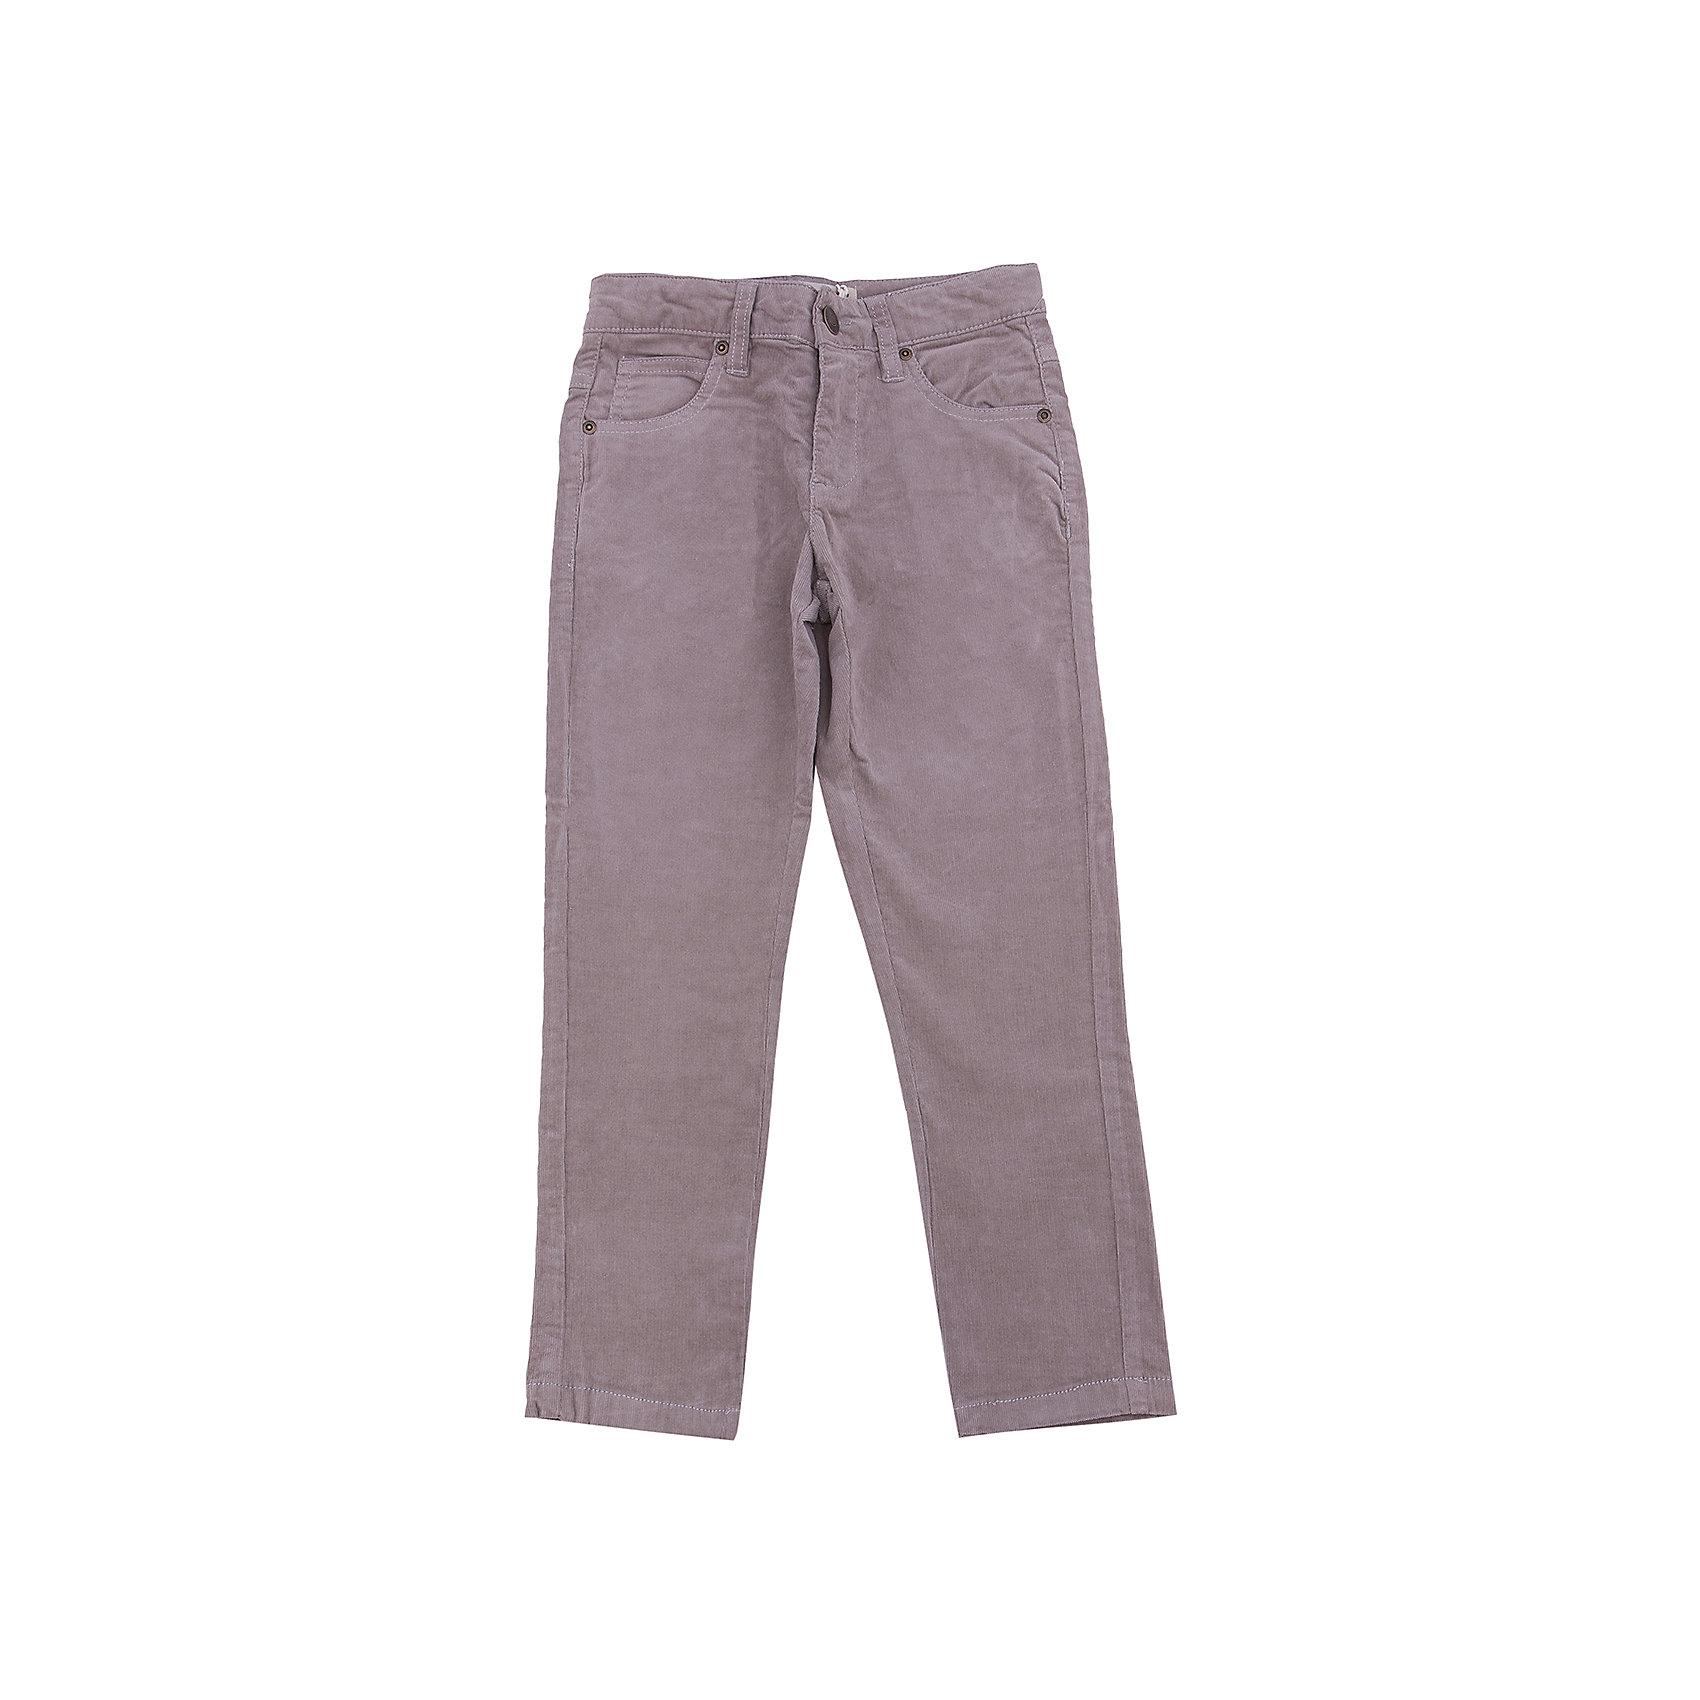 Джинсы для мальчика SELAКлассические джинсы - незаменимая вещь в детском гардеробе. Эта модель отлично сидит на ребенке, она сшита из плотного материала, натуральный хлопок не вызывает аллергии и обеспечивает ребенку комфорт. Модель станет отличной базовой вещью, которая будет уместна в различных сочетаниях.<br>Одежда от бренда Sela (Села) - это качество по приемлемым ценам. Многие российские родители уже оценили преимущества продукции этой компании и всё чаще приобретают одежду и аксессуары Sela.<br><br>Дополнительная информация:<br><br>прямой силуэт;<br>материал: 98% хлопок, 2% эластан;<br>плотный материал.<br><br>Брюки для мальчика от бренда Sela можно купить в нашем интернет-магазине.<br><br>Ширина мм: 215<br>Глубина мм: 88<br>Высота мм: 191<br>Вес г: 336<br>Цвет: бежевый<br>Возраст от месяцев: 108<br>Возраст до месяцев: 120<br>Пол: Мужской<br>Возраст: Детский<br>Размер: 140,146,116,152,122,128,134<br>SKU: 5008041